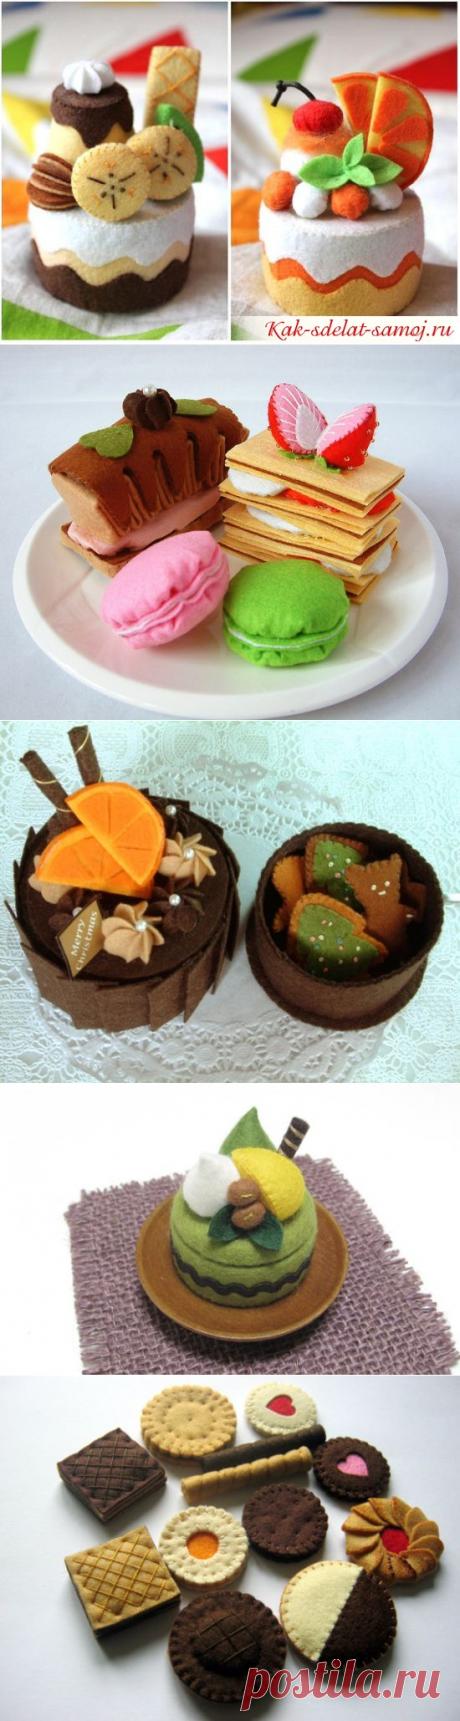 Пирожные из фетра: фото, выкройки, мастер-классы